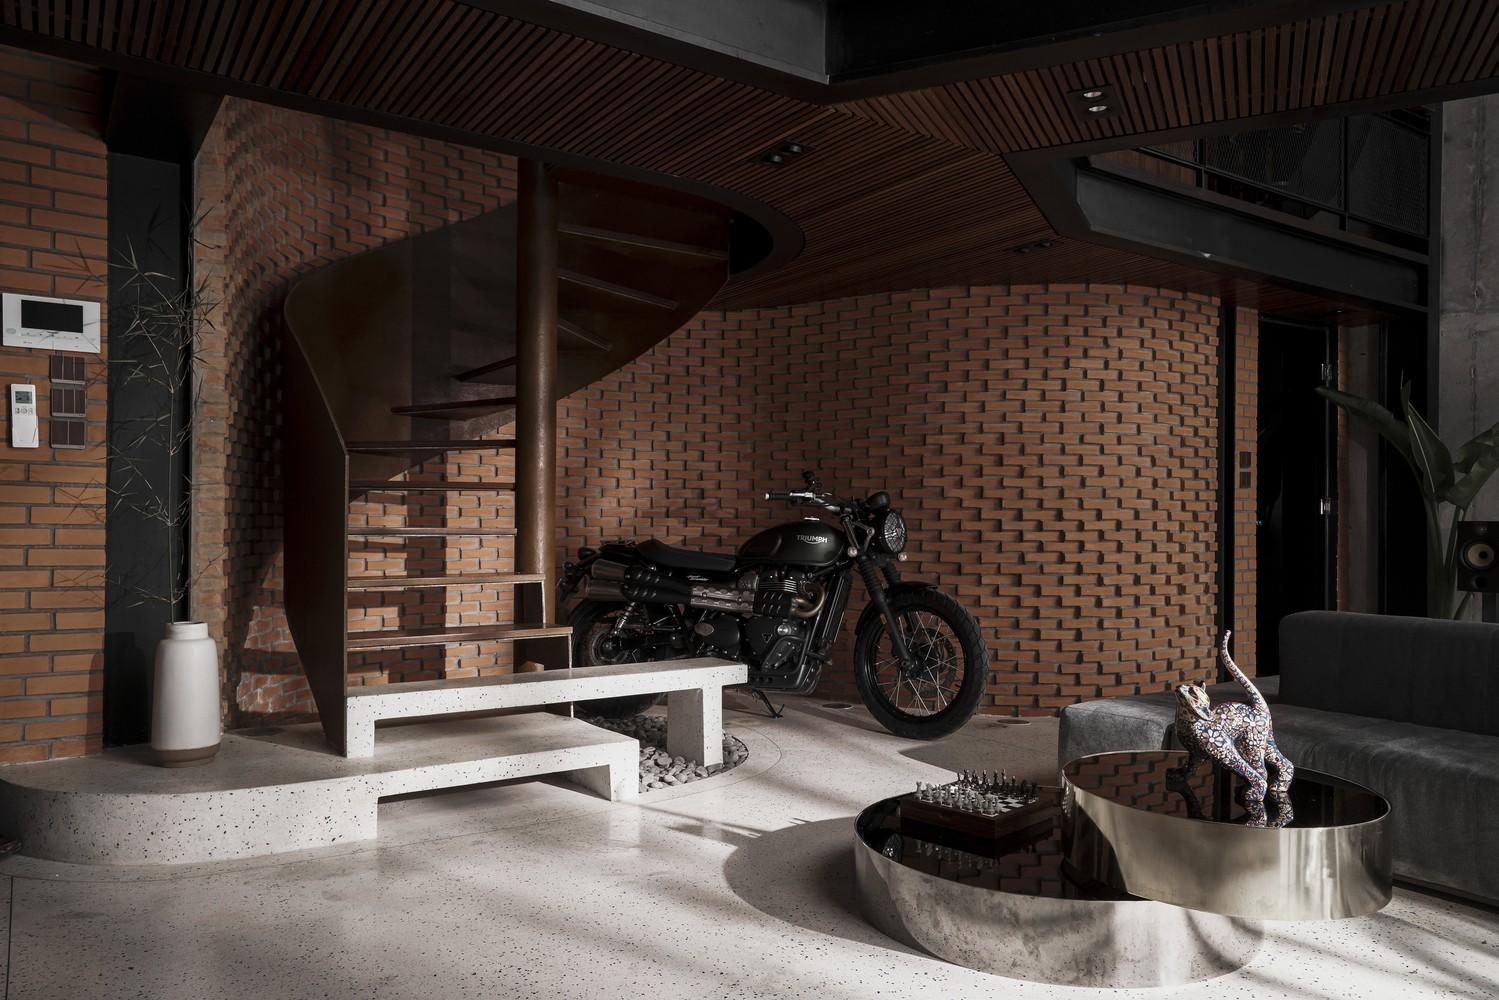 Căn hộ được cải tạo thêm hệ thống gác lửng làm bằng thép, kết nối với tầng trệt qua cầu thang uốn lượn đẹp mắt.